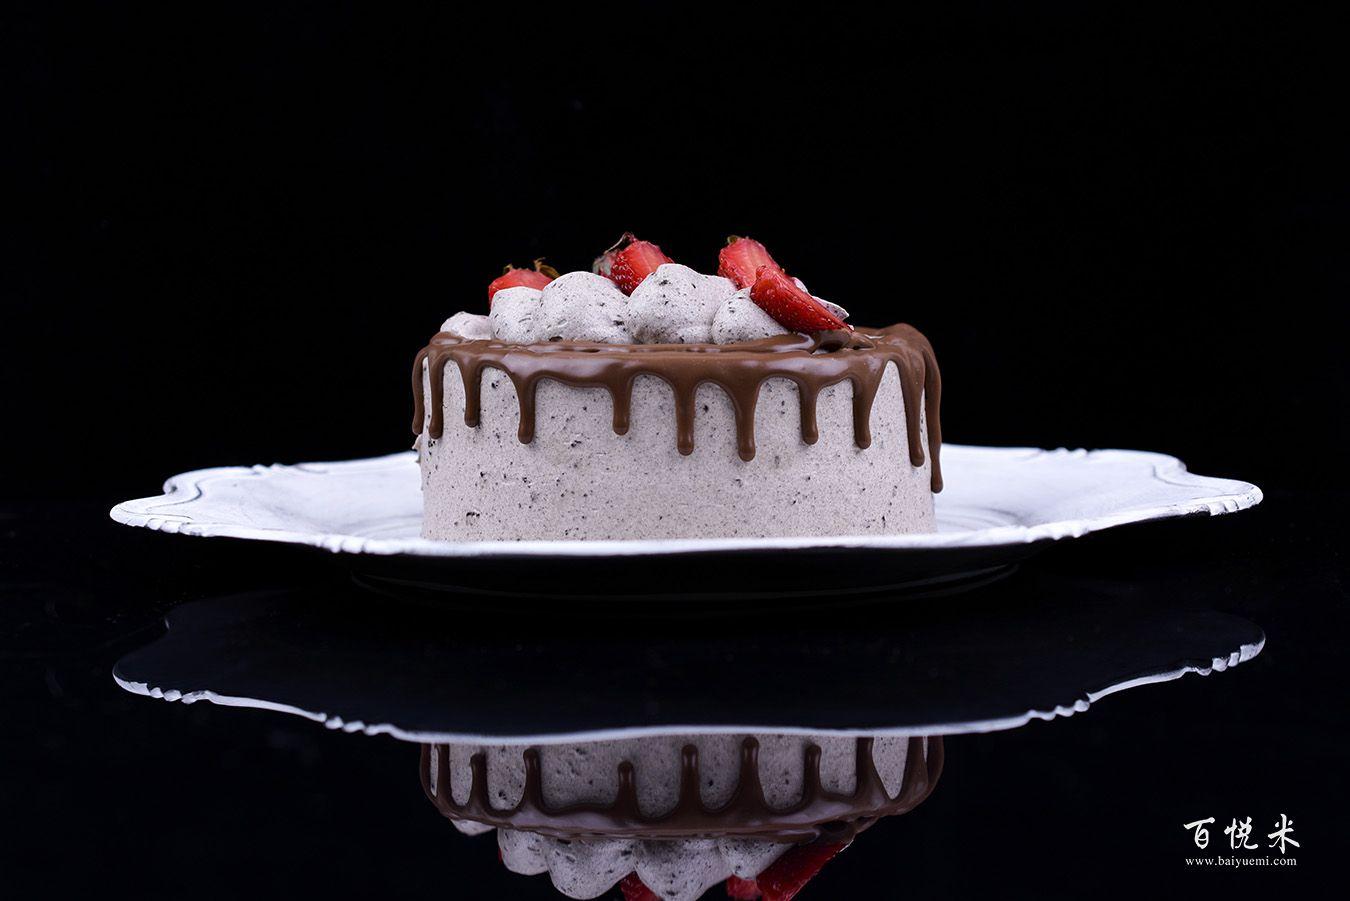 奥利奥咸奶油草莓淋面蛋糕高清图片大全【蛋糕图片】